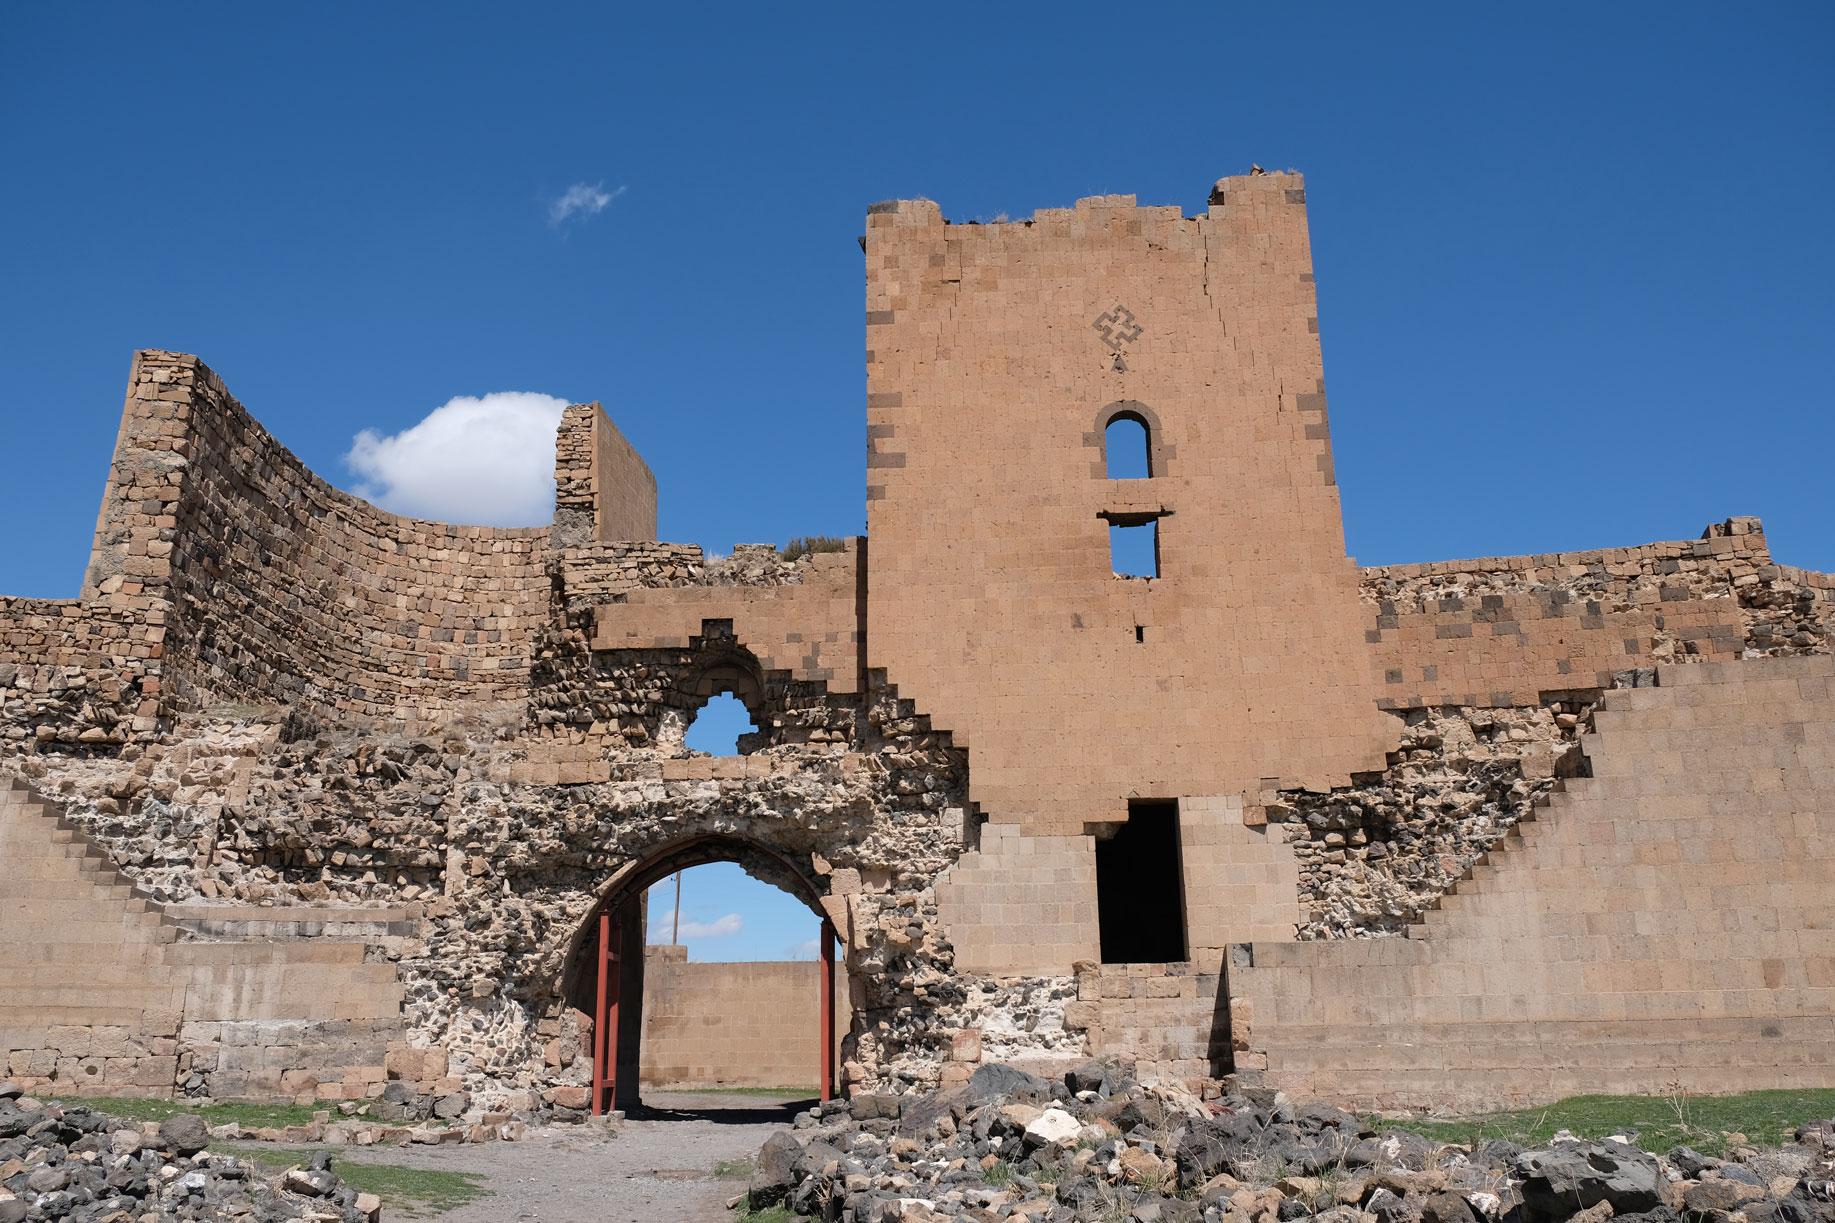 Rückansicht auf das ehemalige Stadttor mit verfallenem Wachturm